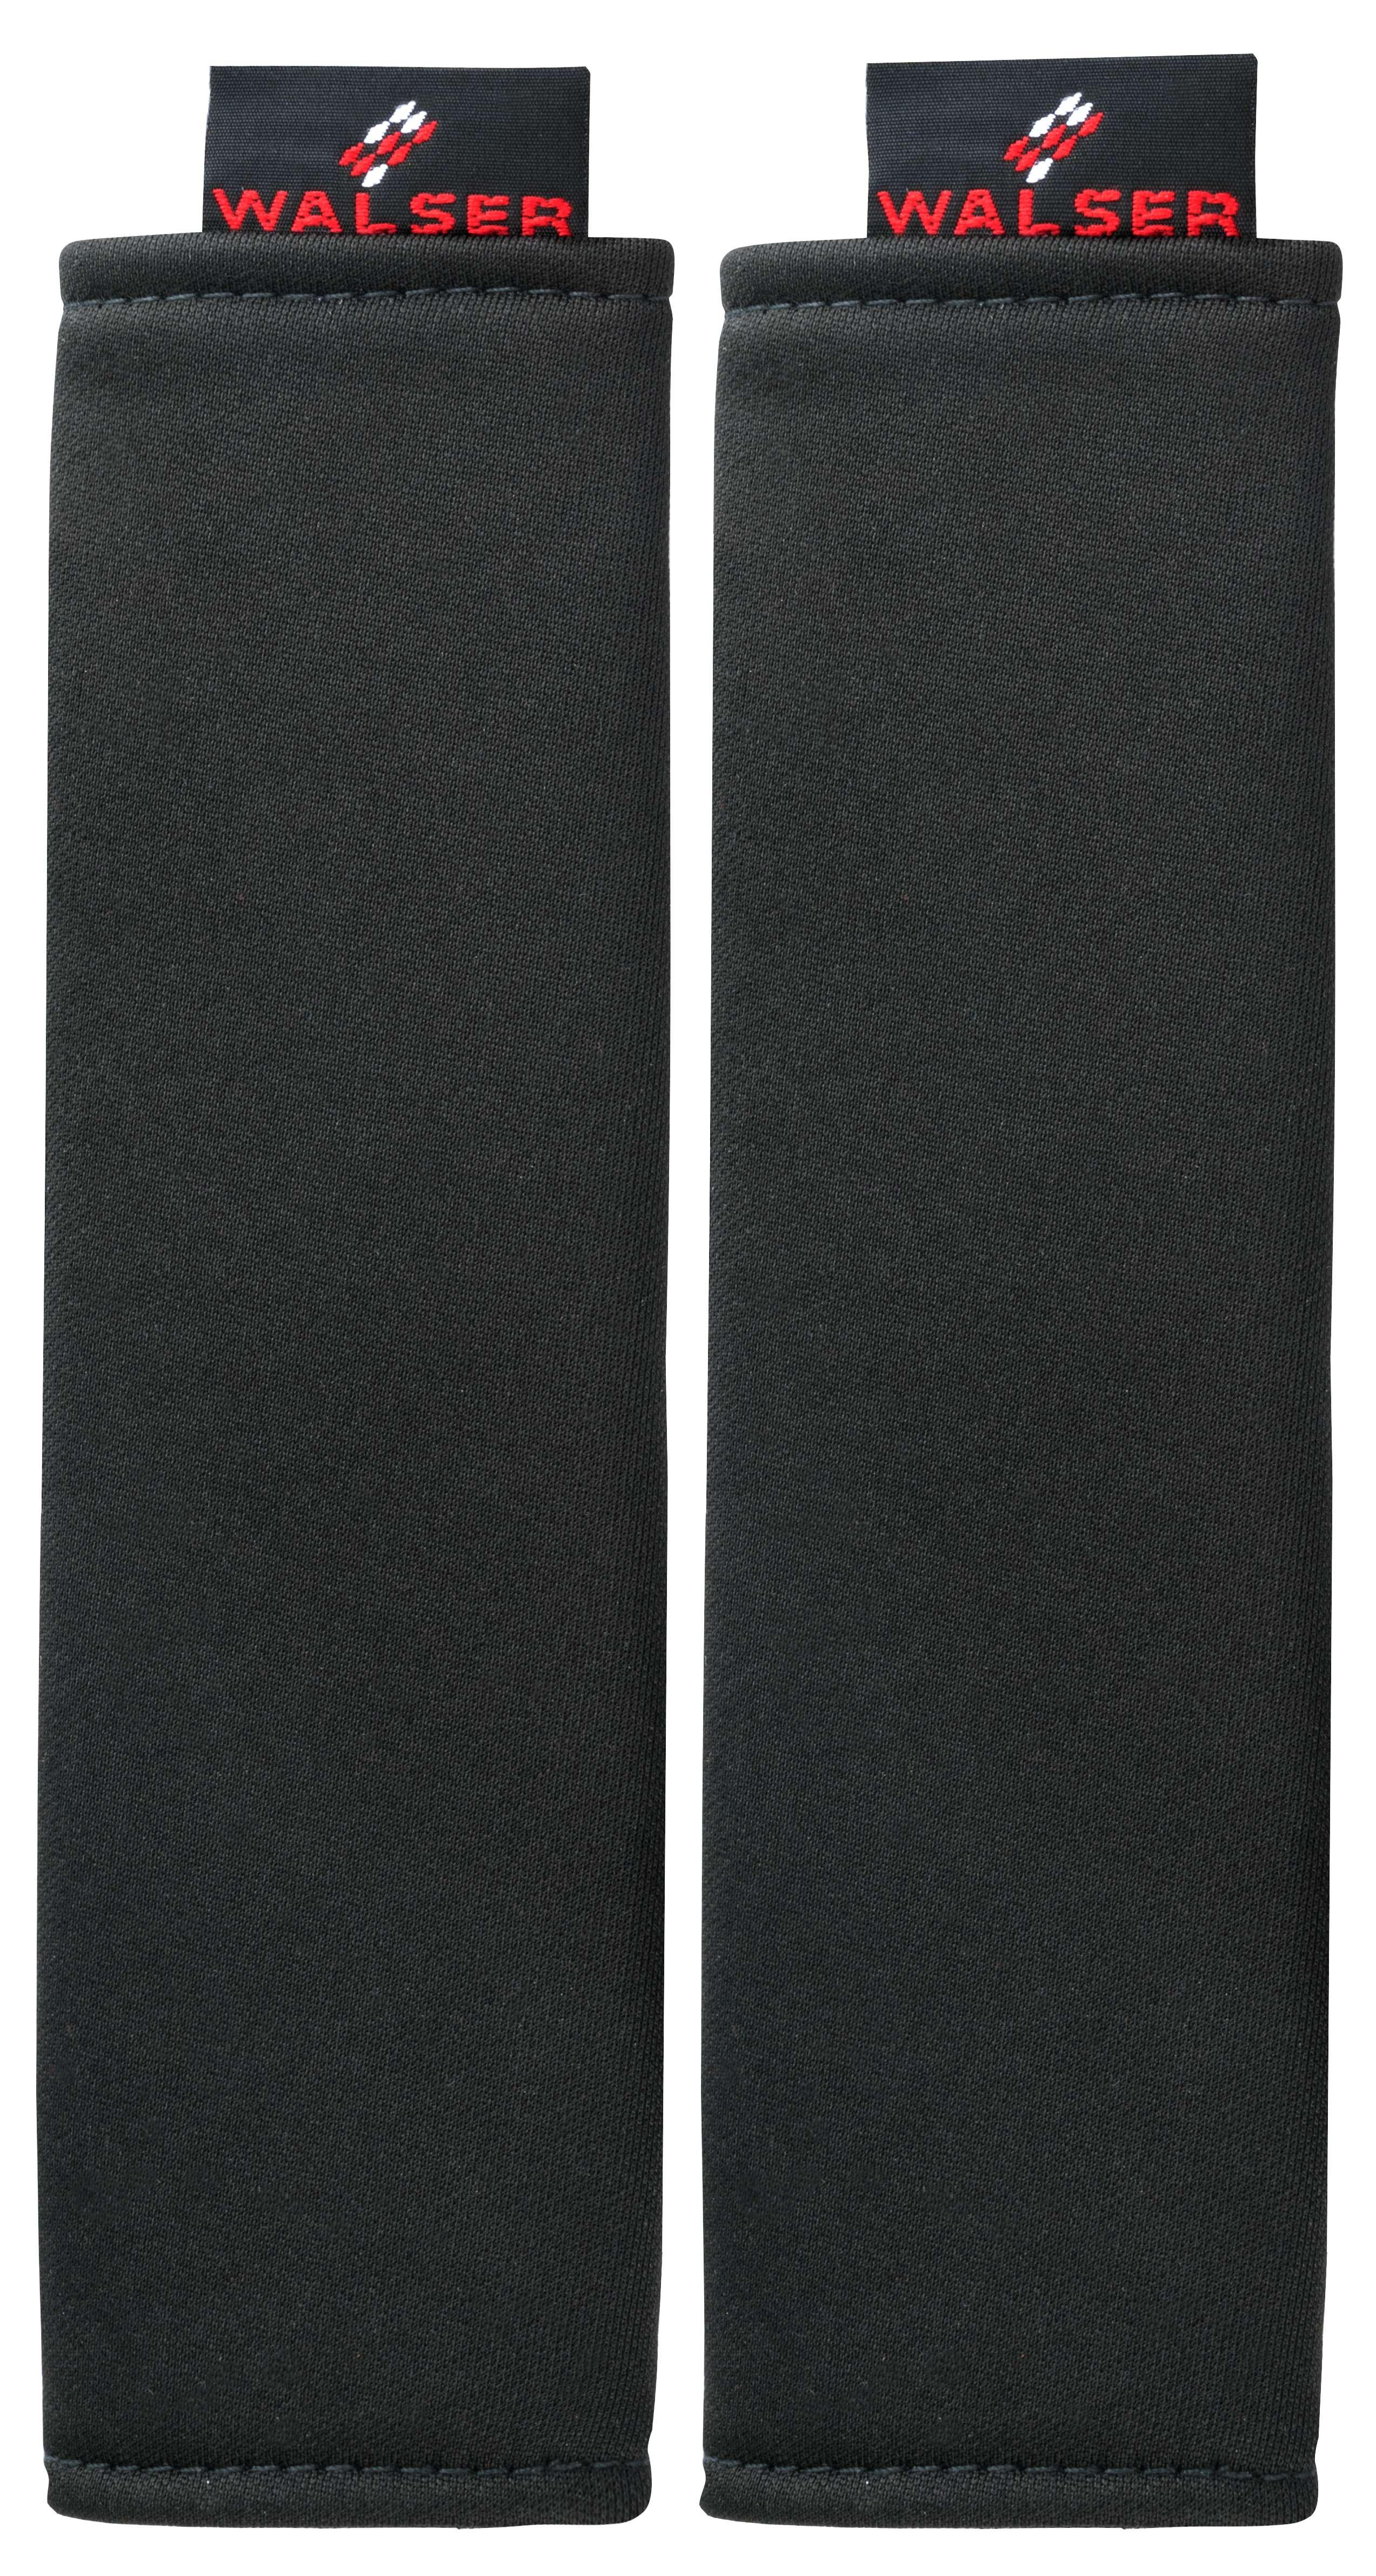 Gordelhoes 13565 WALSER 13565 van originele kwaliteit